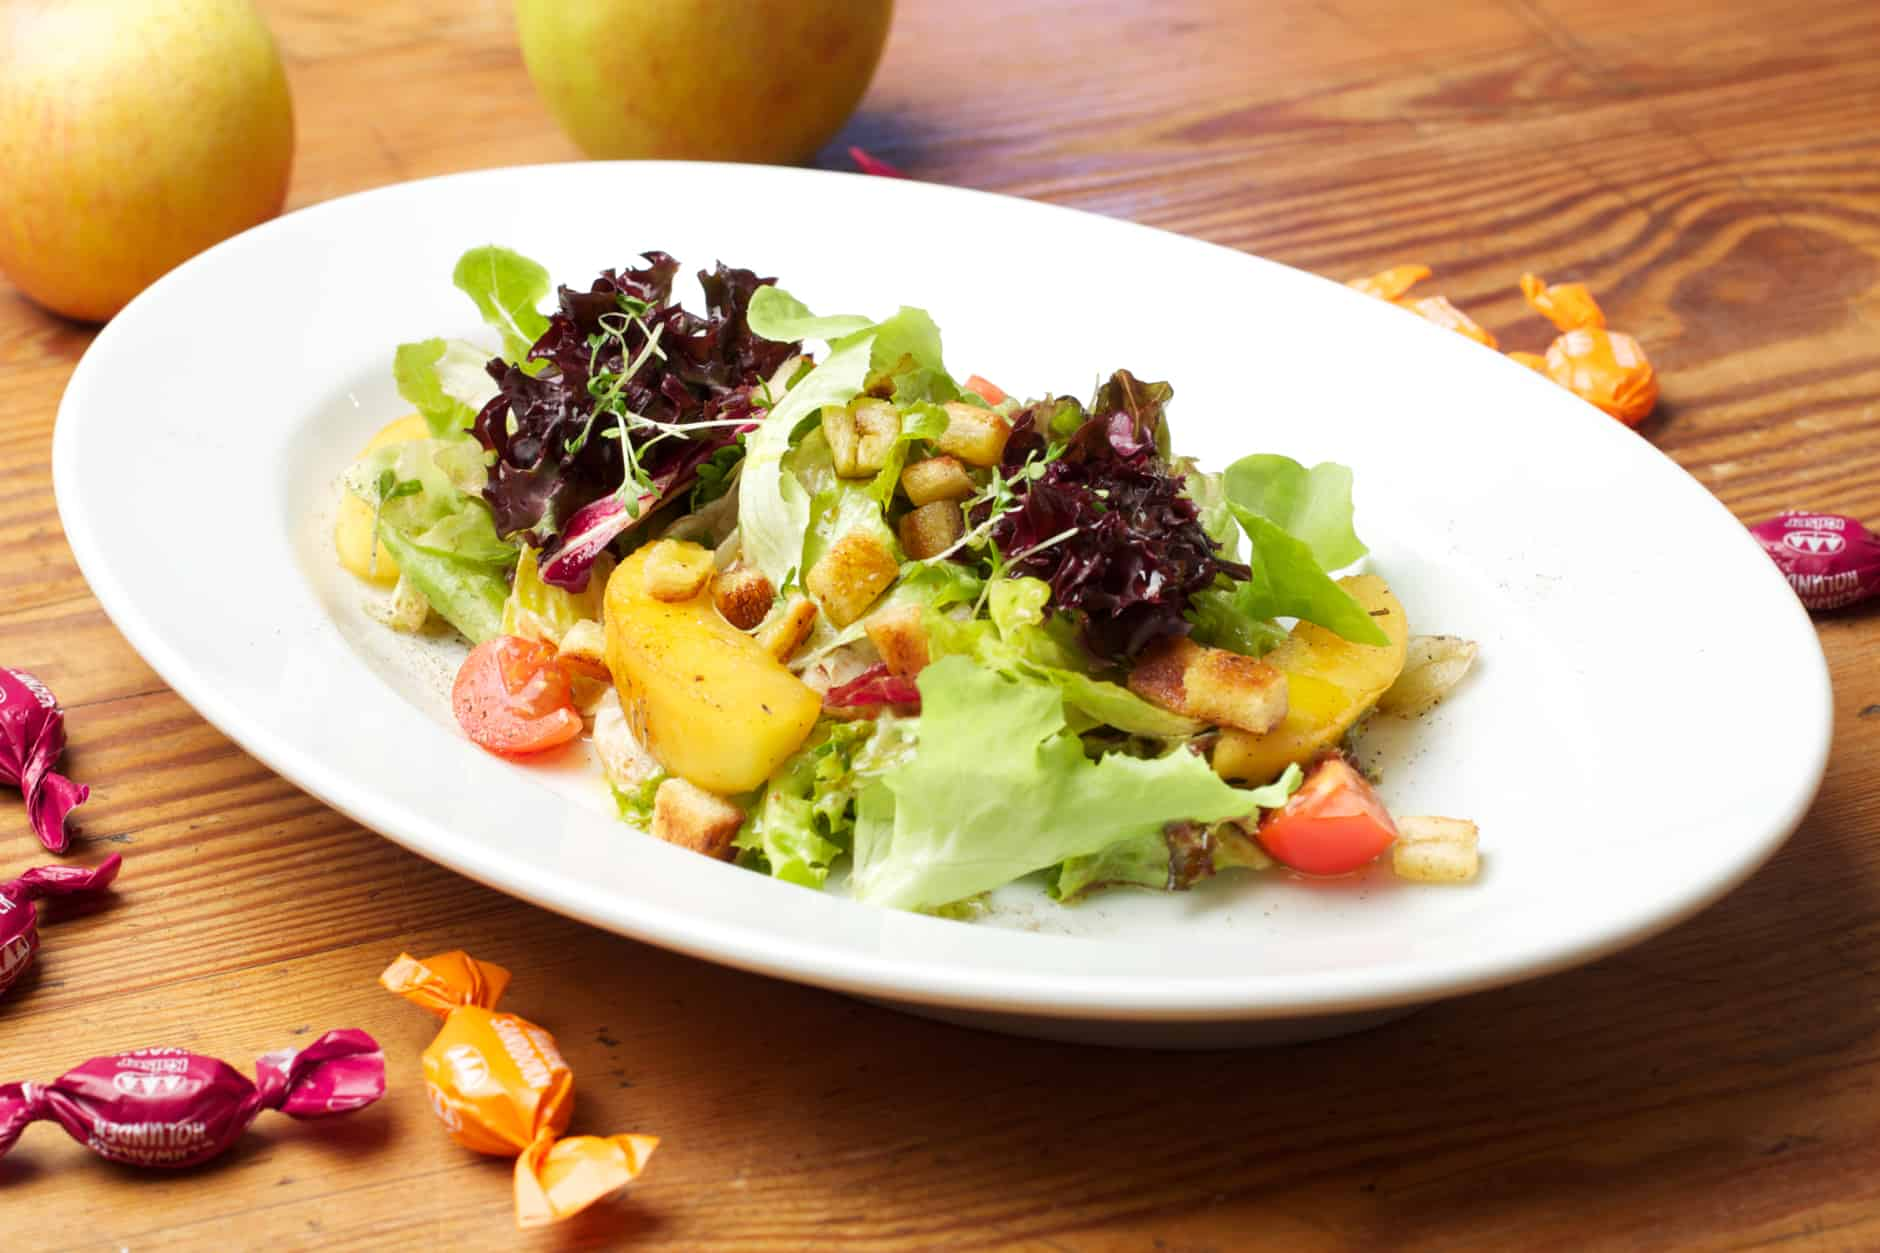 Blattsalat mit Bonbon-Salatdressing und knusprigen Brotwürfel